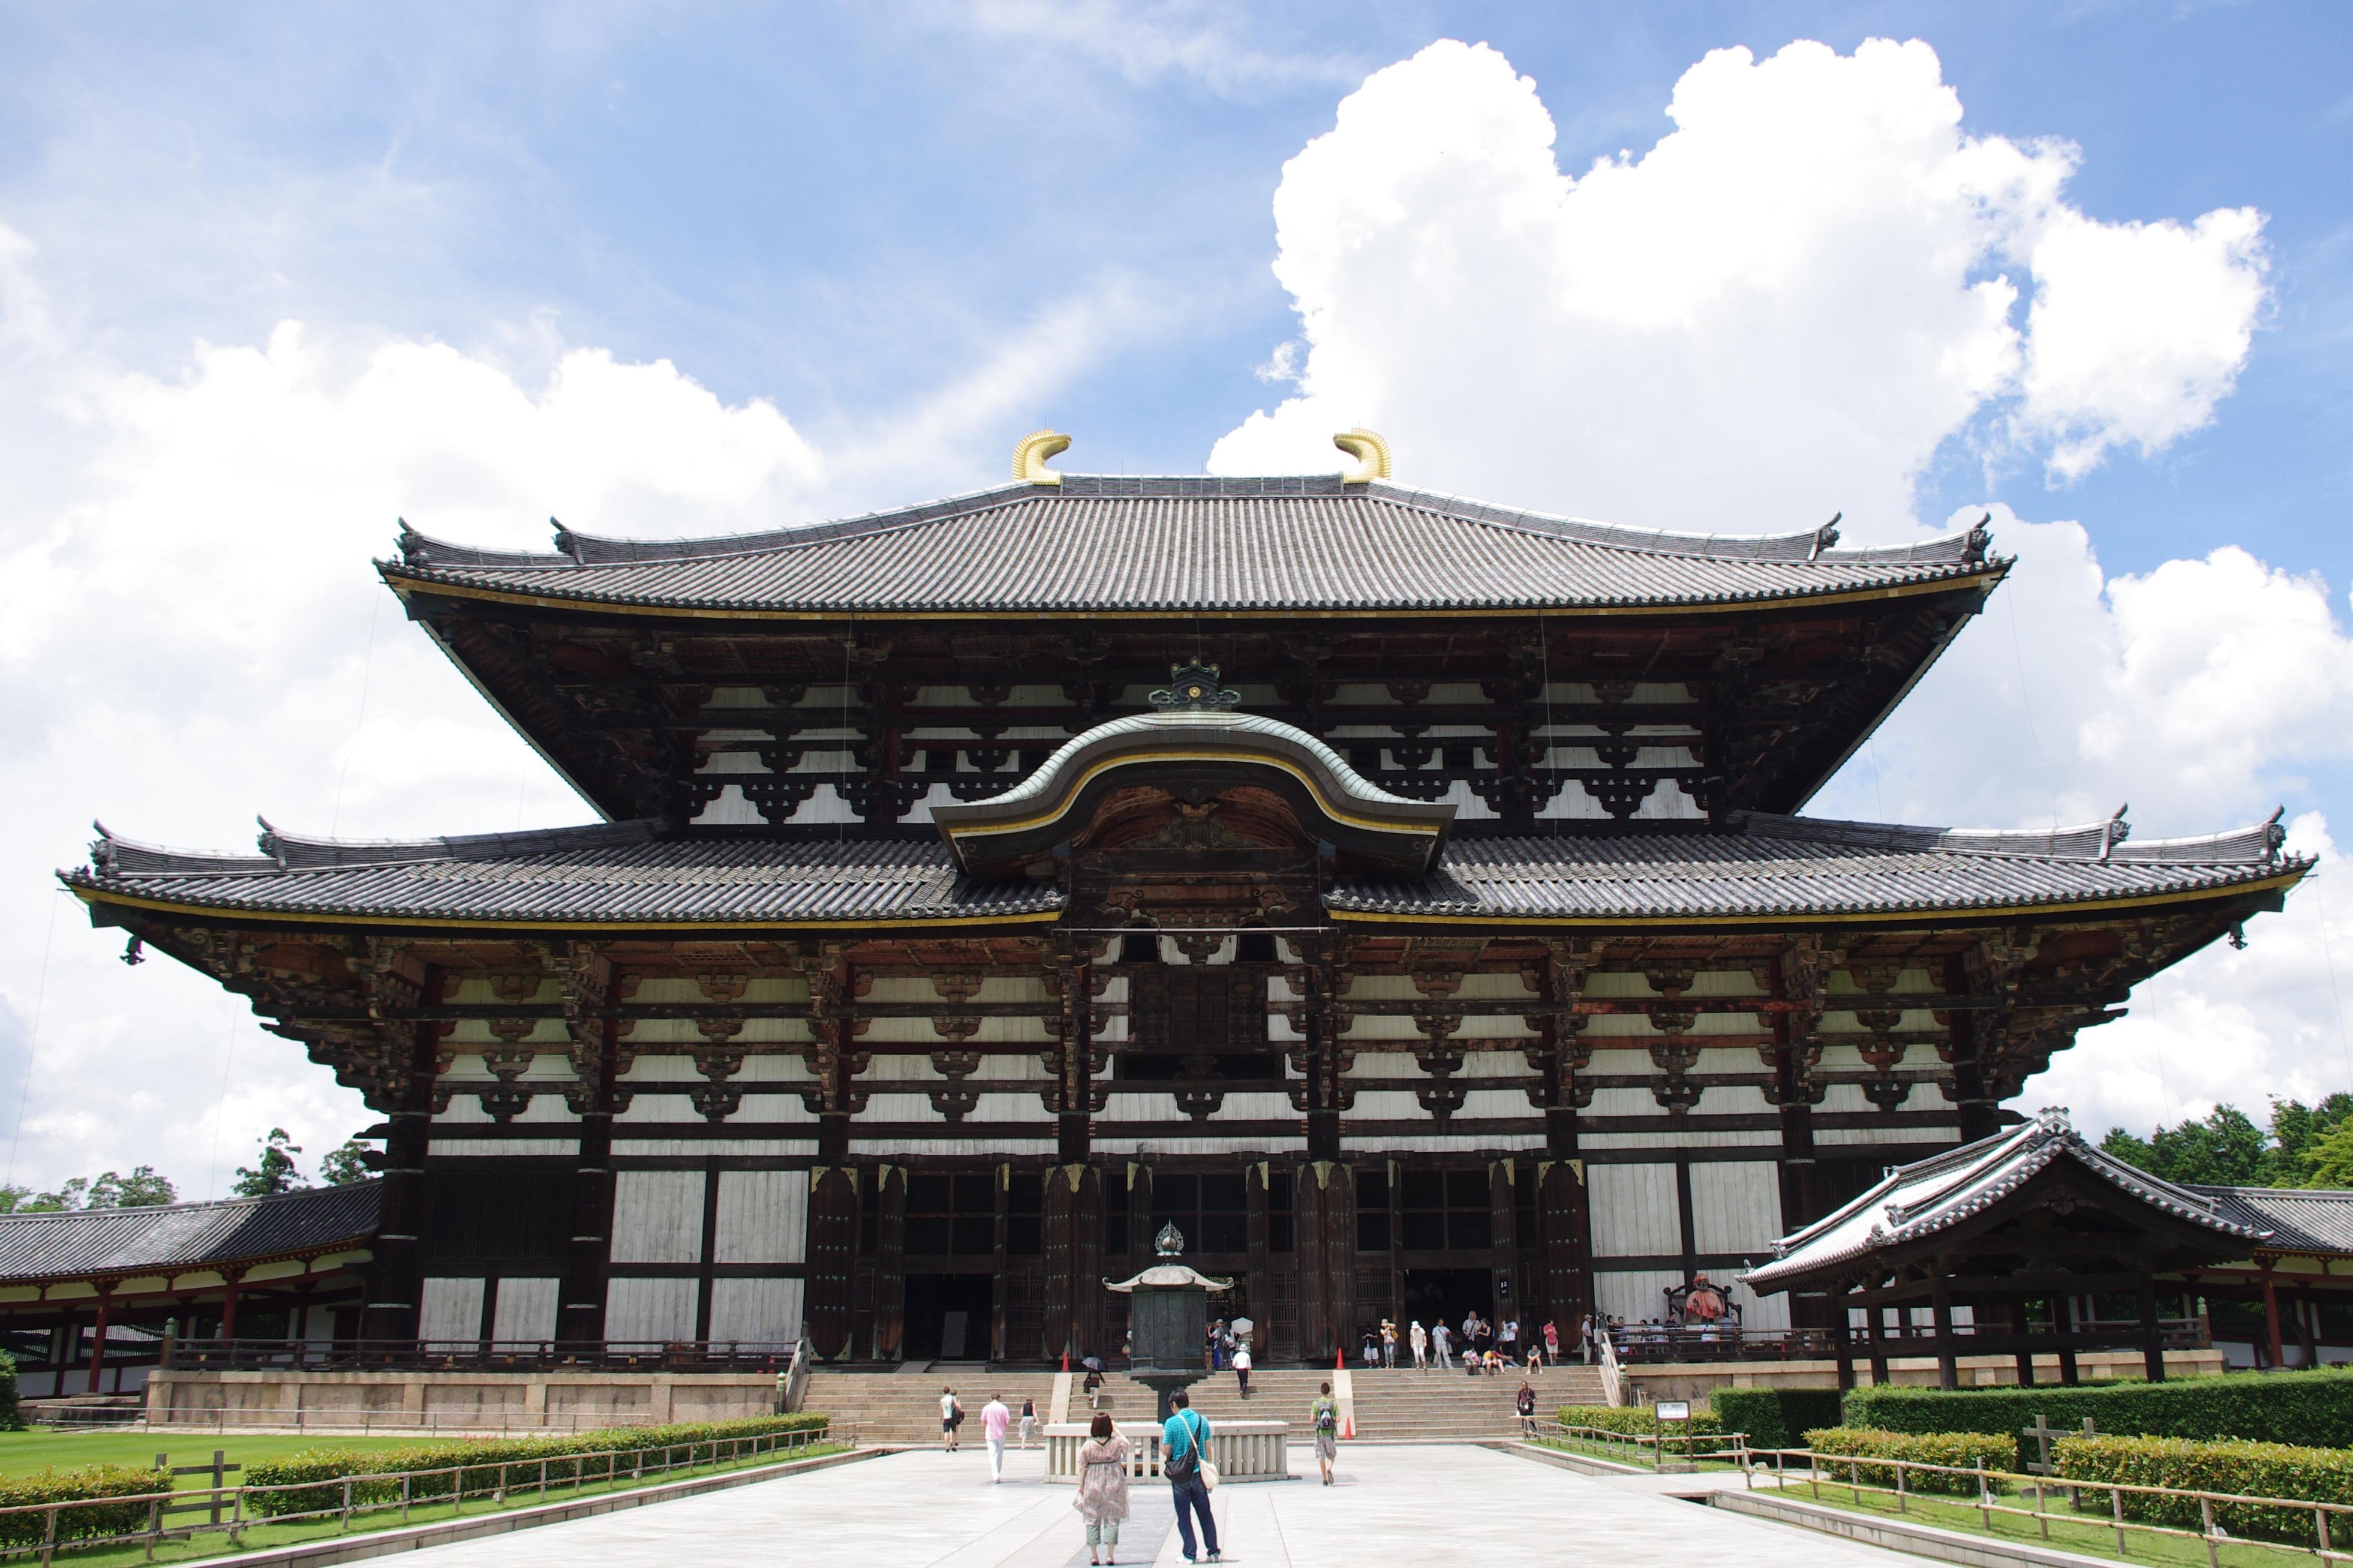 File:20100716 Nara Todaiji Golden Hall 2285.jpg